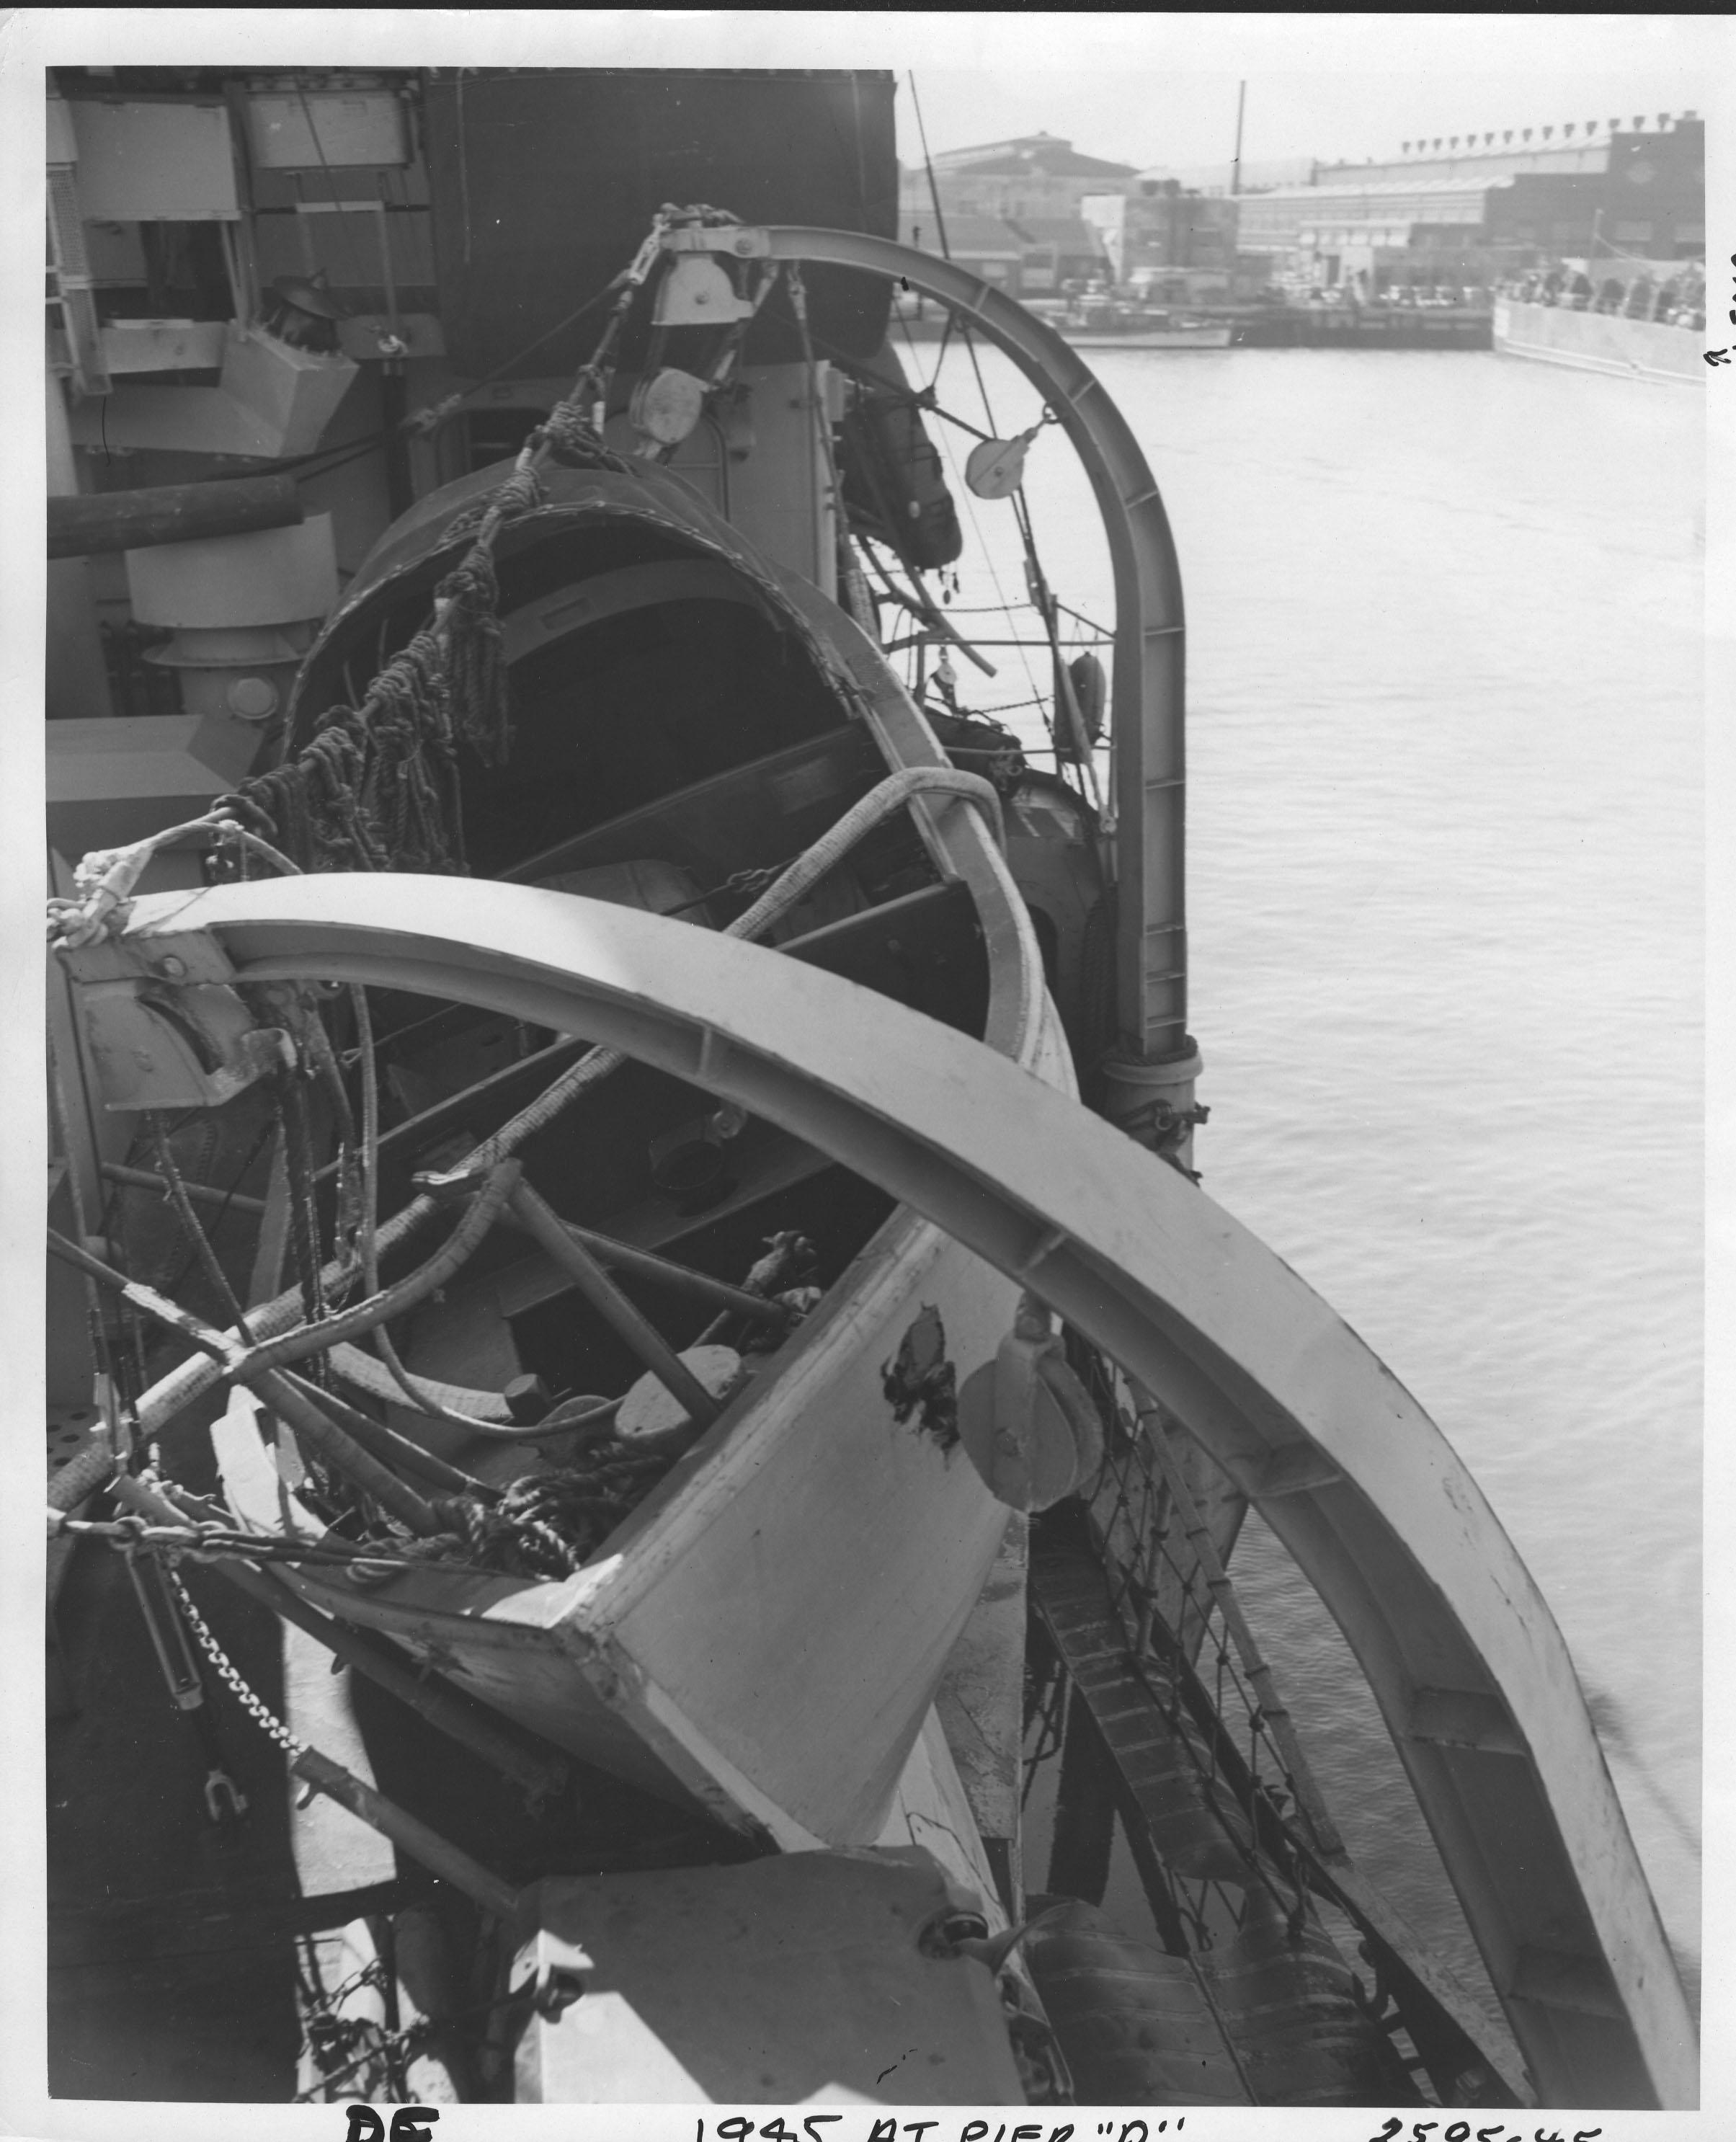 DE, 1945 at Pier